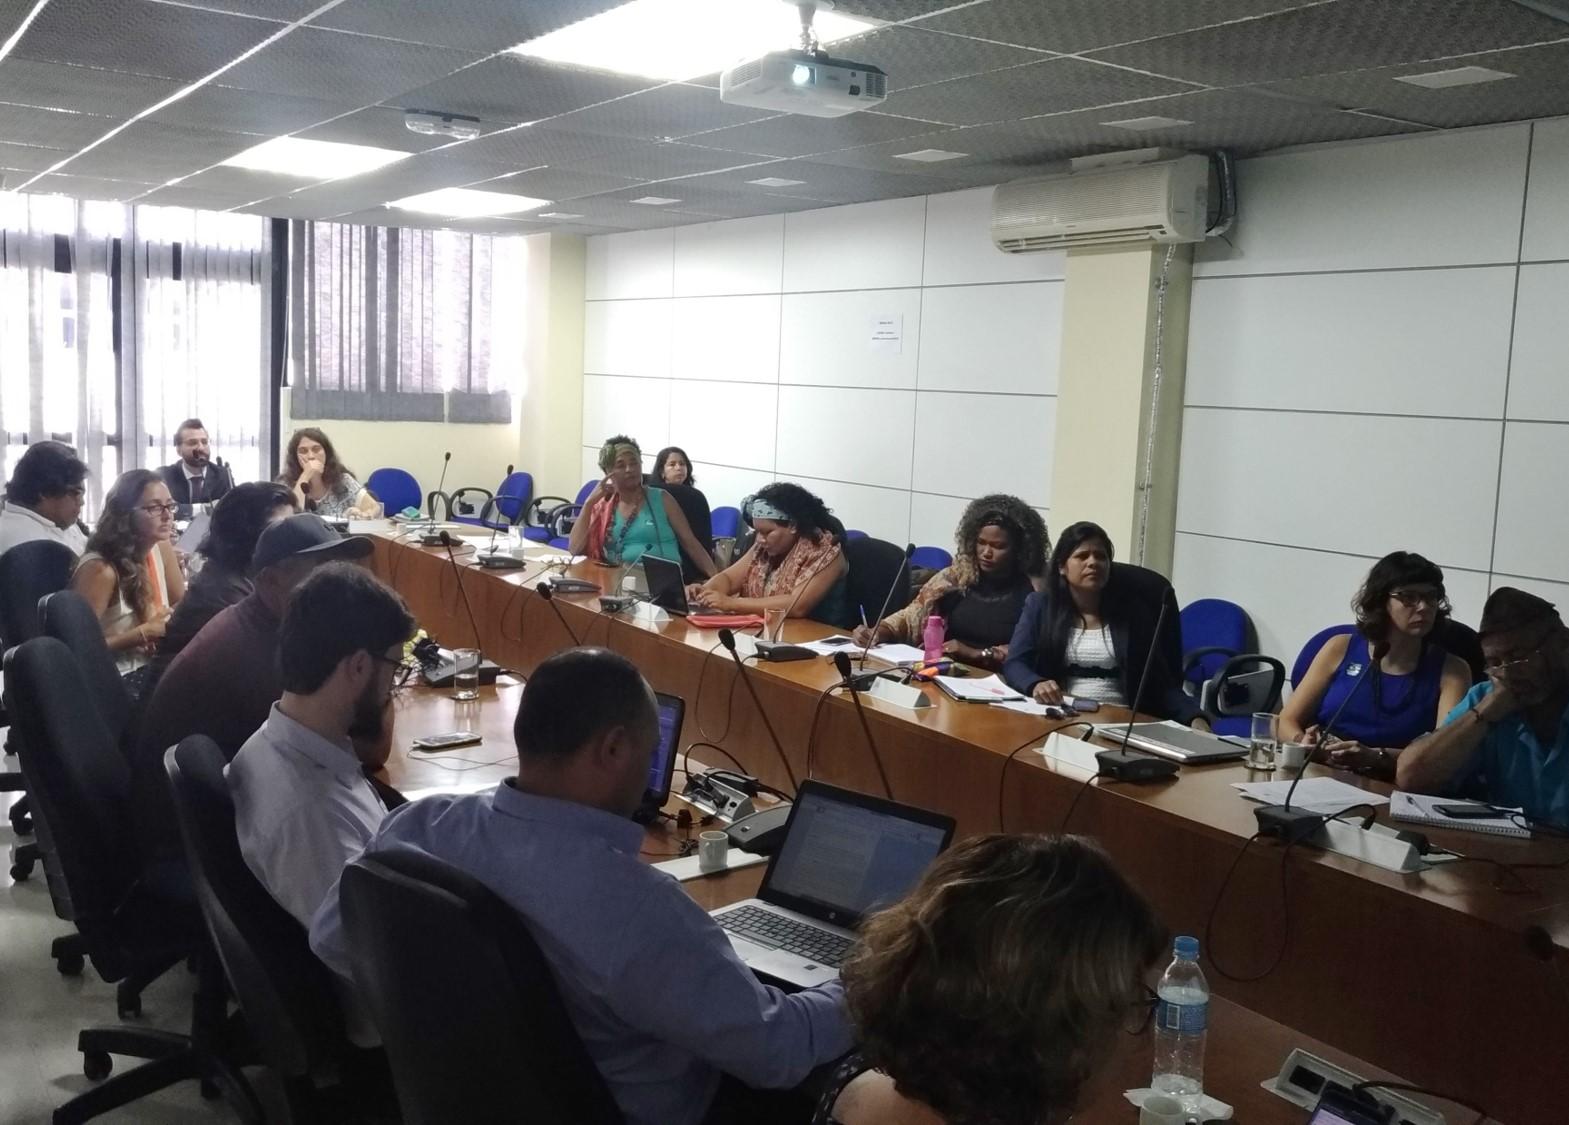 CCT-Salvaguardas realiza sua 5ª reunião ordinária.